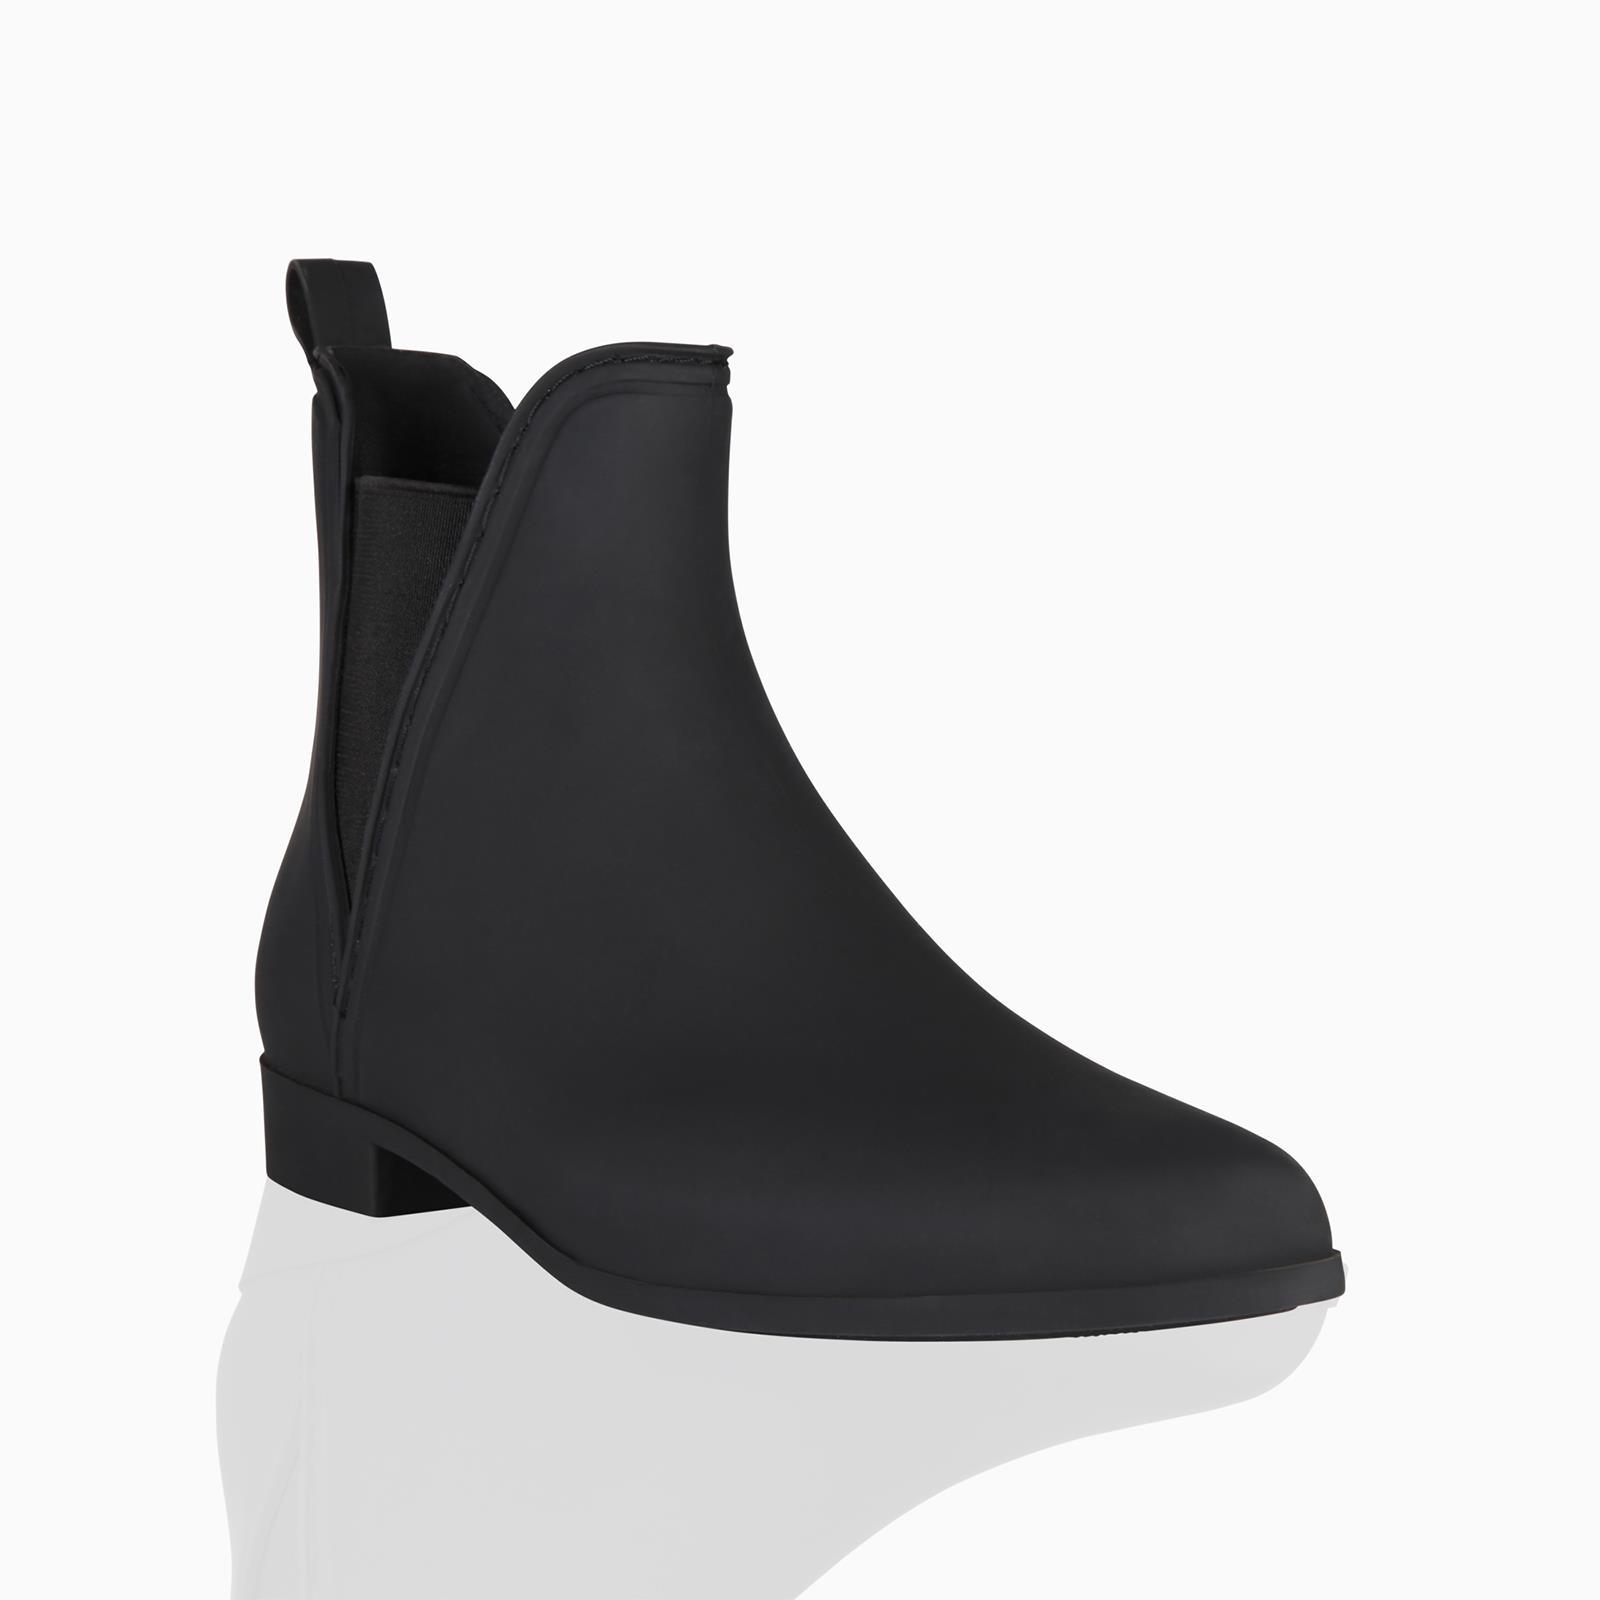 Botas-Agua-Mujer-Barata-Original-Botines-Moda-Comodas-Calzado-Elastico-Juveniles miniatura 31